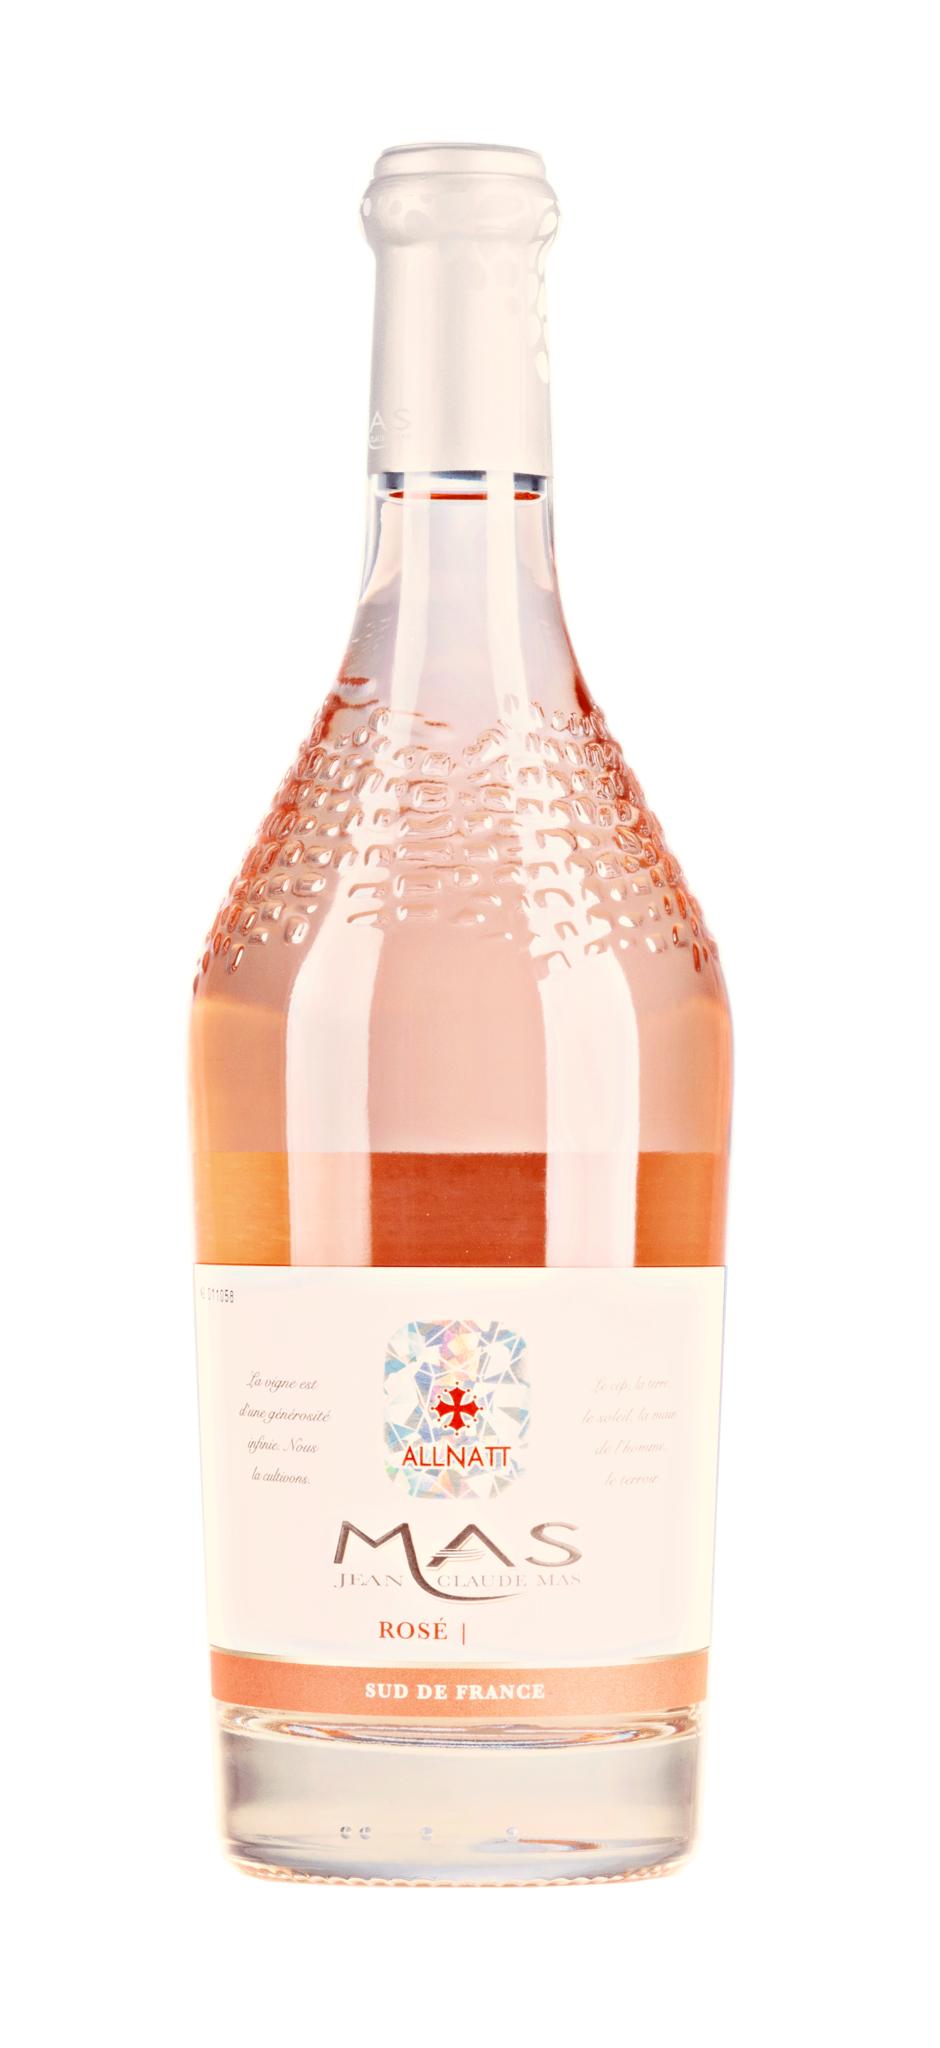 Mas, Paul - Languedoc 2020 AllNatt Rosé Cinsault, Paul Mas